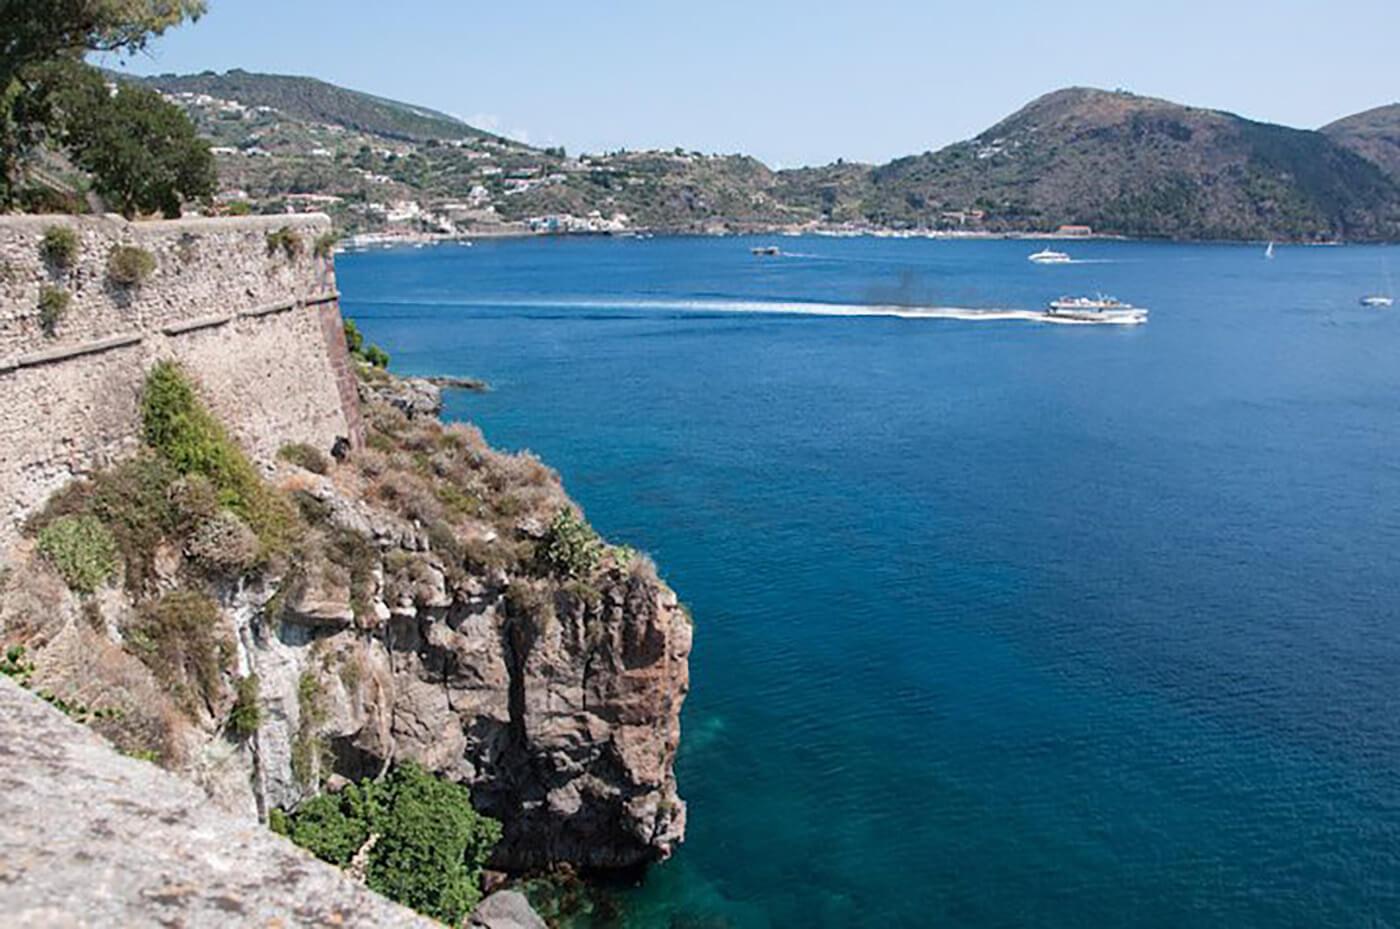 Sycylia-i-wyspy-Liparyjskie-4